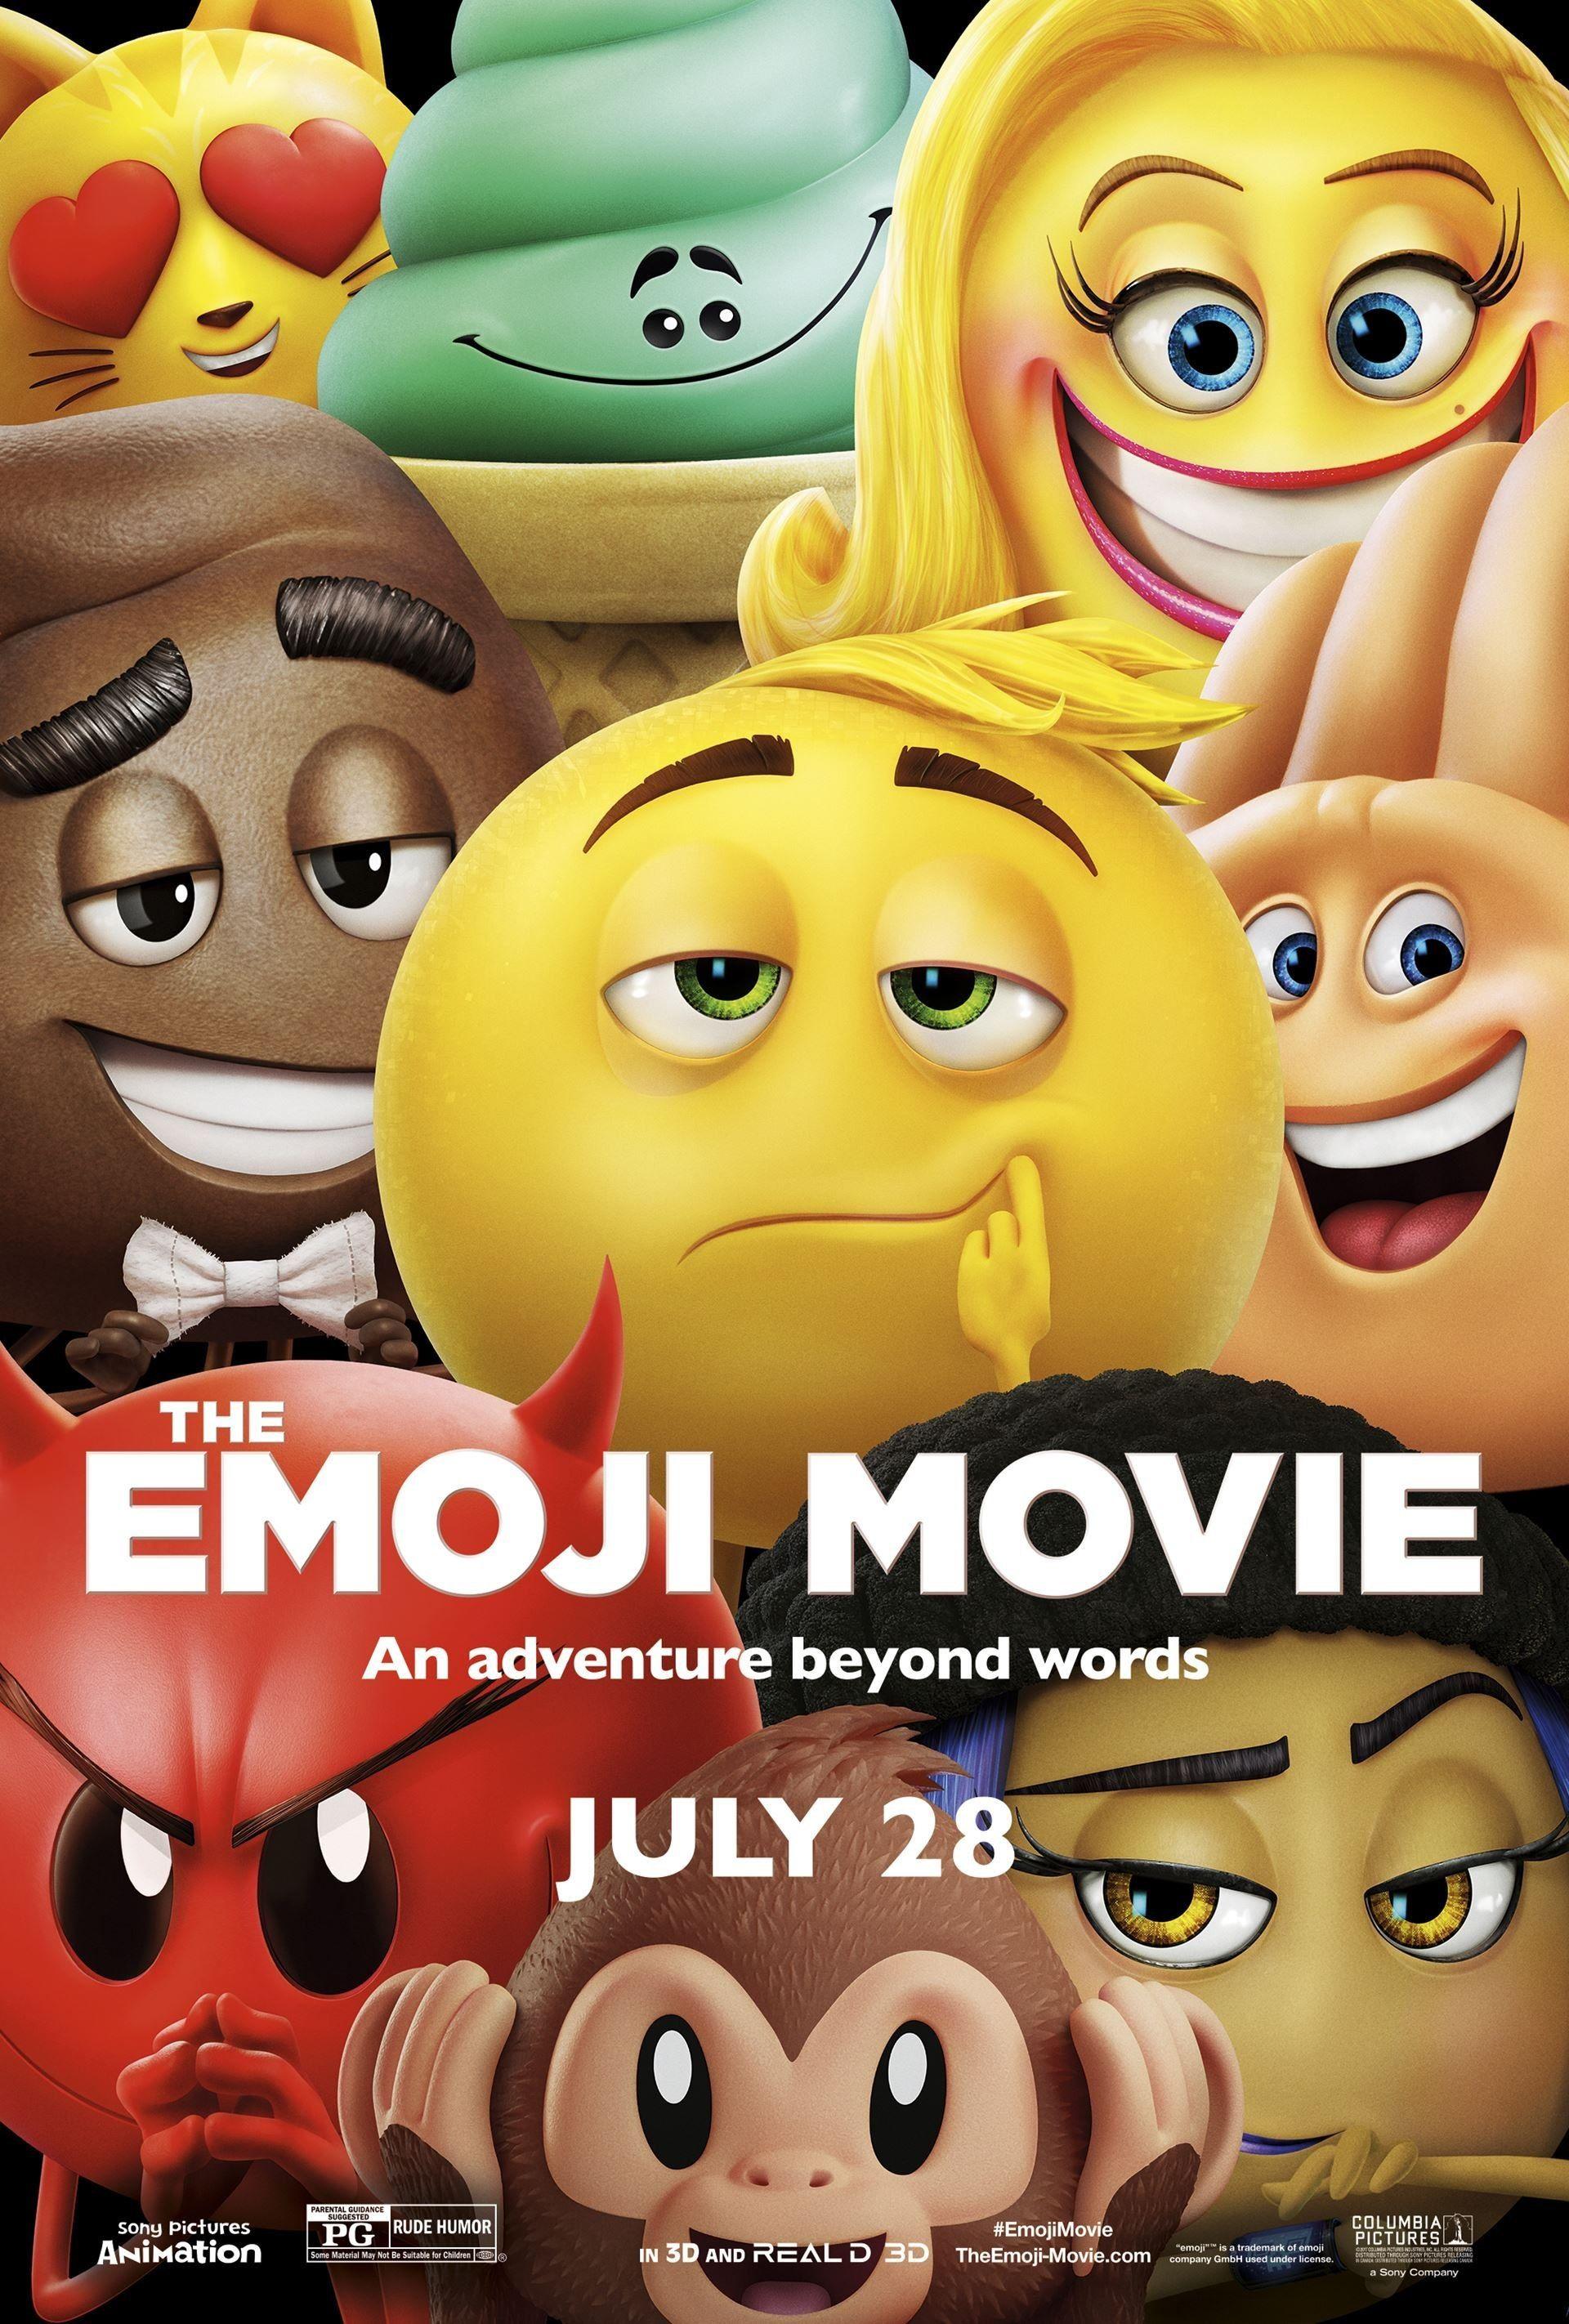 The Emoji Movie Emoji Movie Free Movies Online Streaming Movies Free